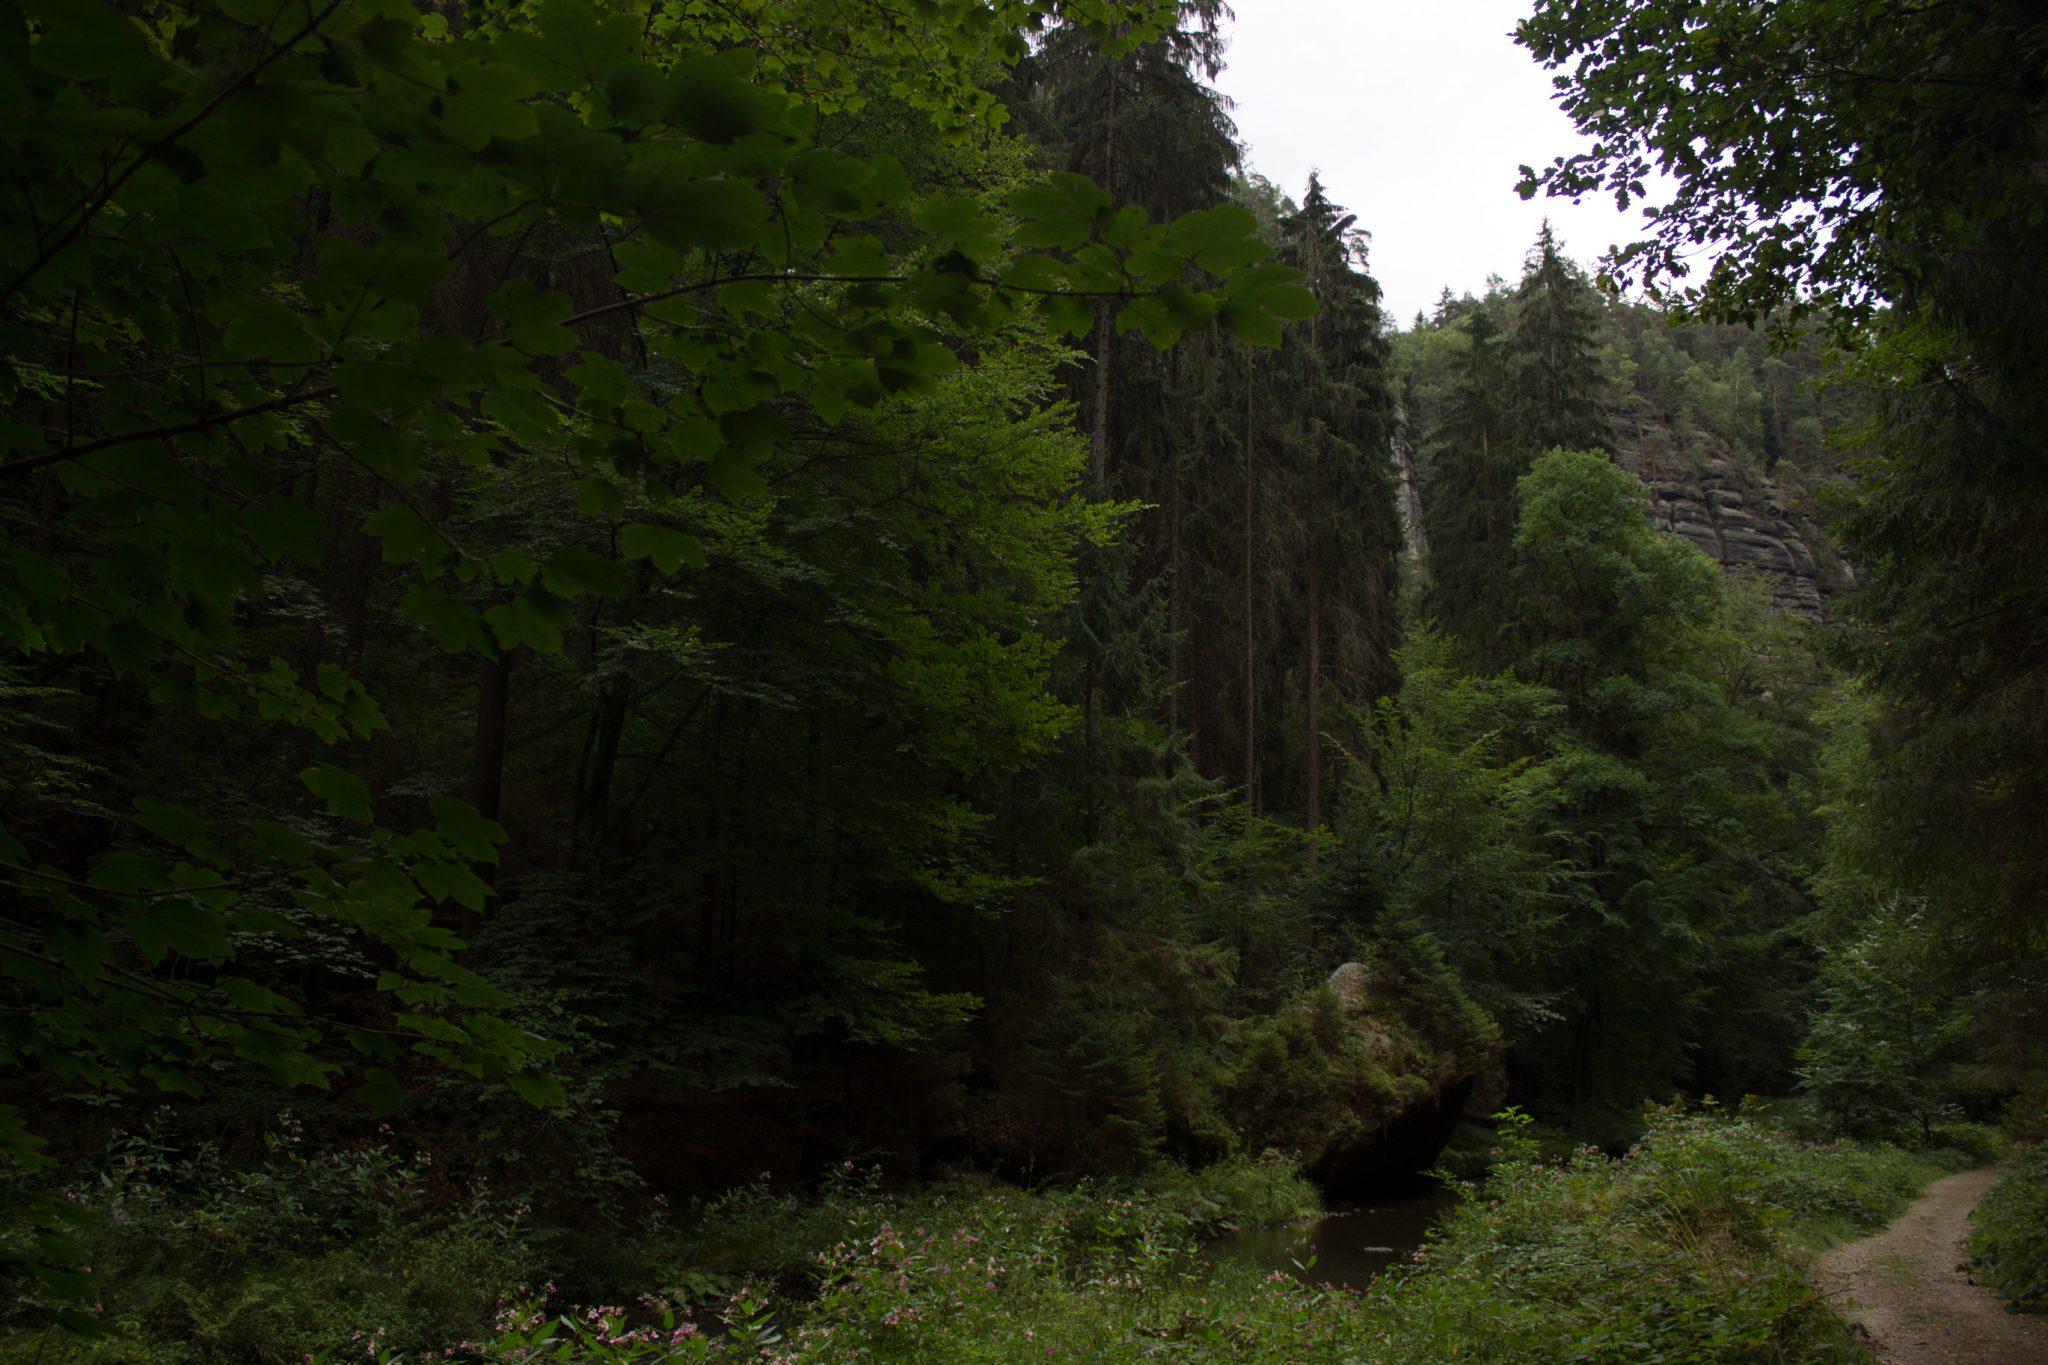 Wanderung durch Polenztal zur Bastei und zu Schwedenlöcher, Wanderweg im Polenztal, saftig grüner Wald, schmaler Pfad neben Fluß Polenz, hohe Felsen